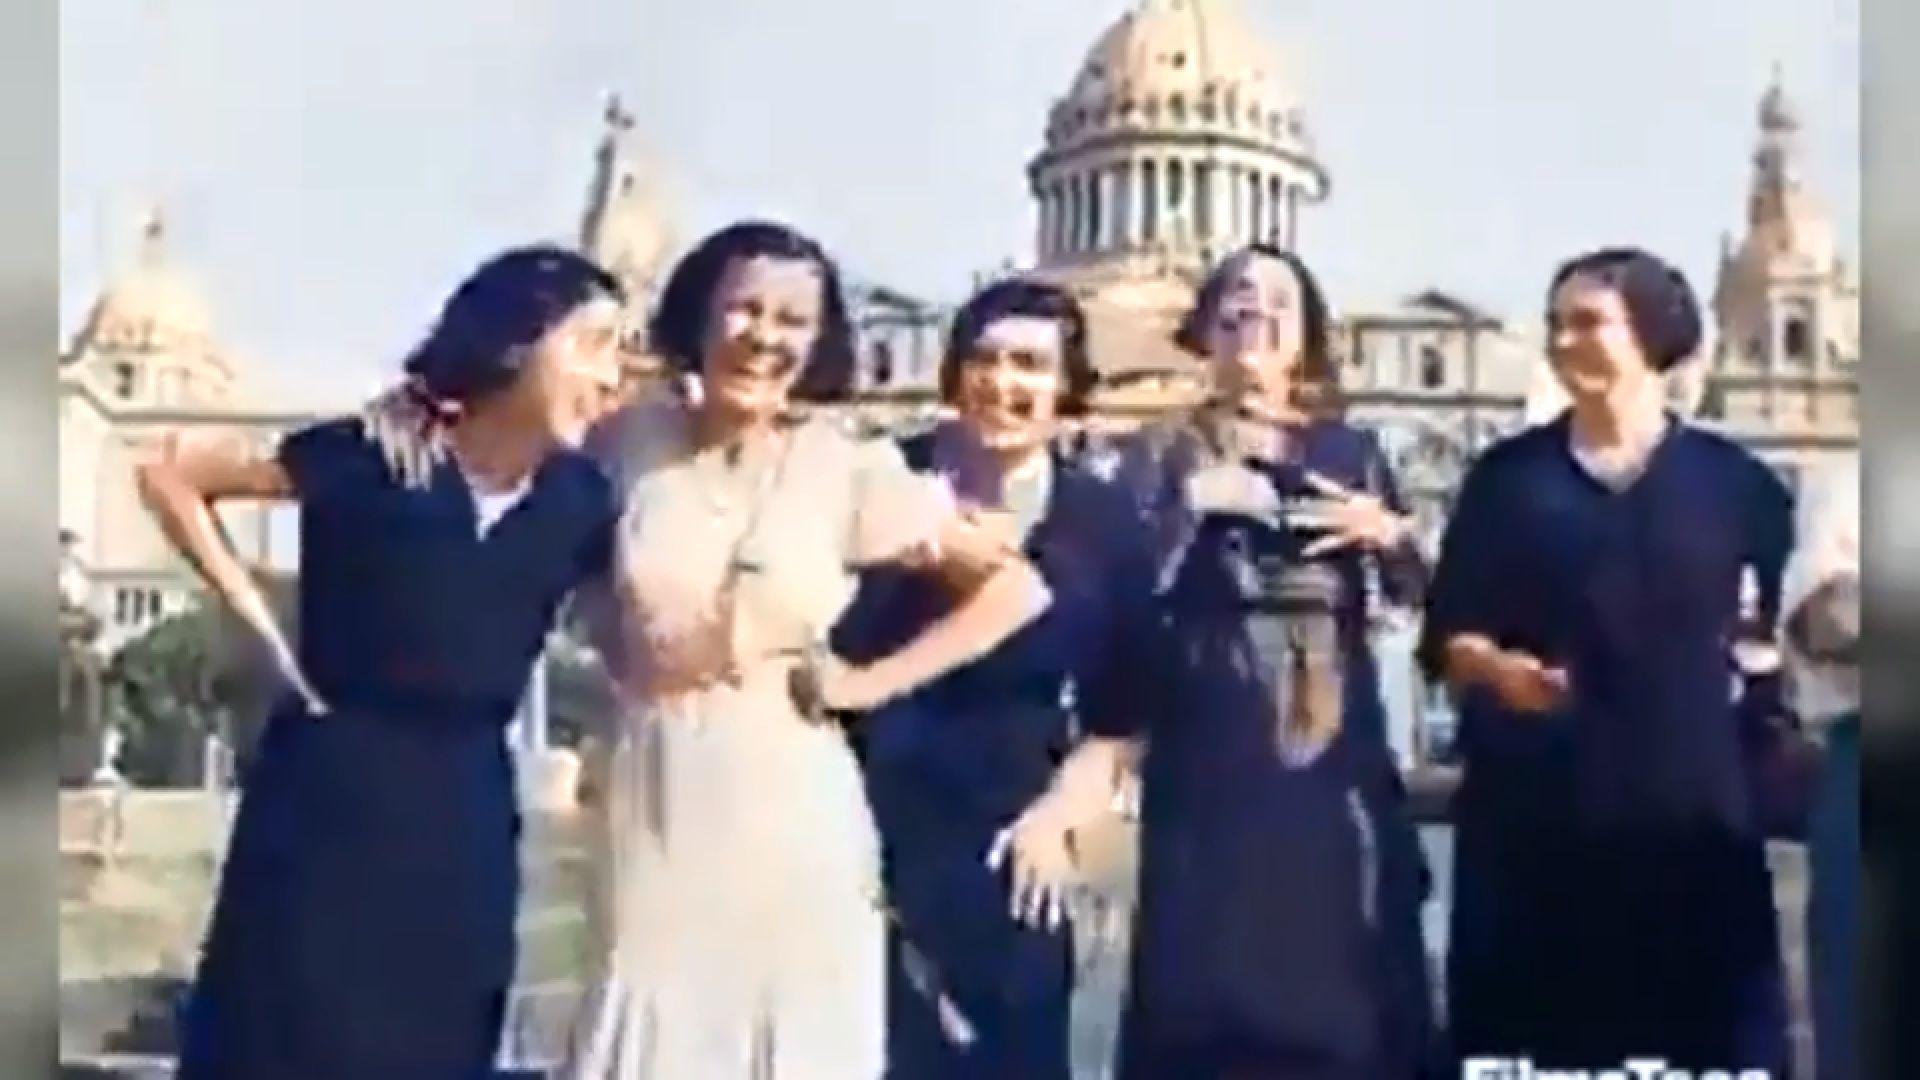 Besos y risas en la Barcelona de 1932